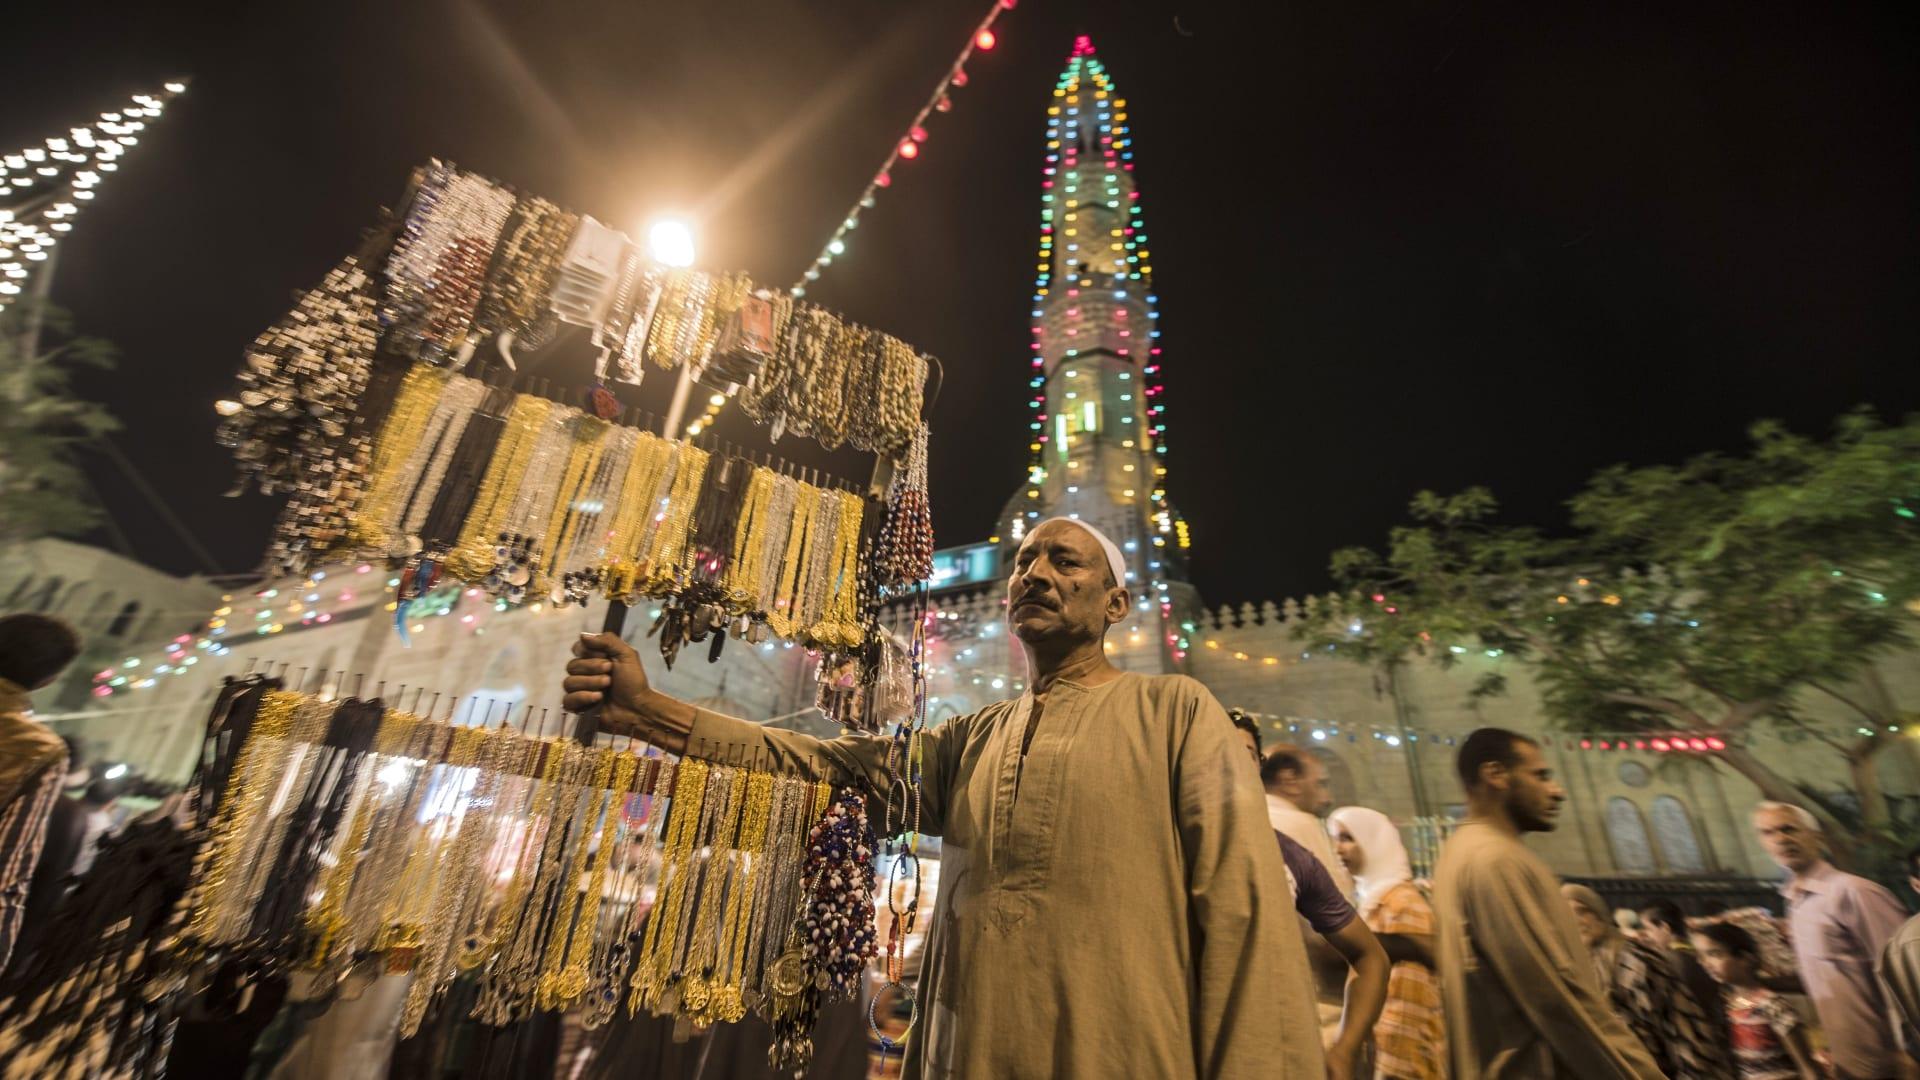 الافتاء المصرية: الصوفية تحارب داعش والقاعدة وهجوم الروضة يستهدفها